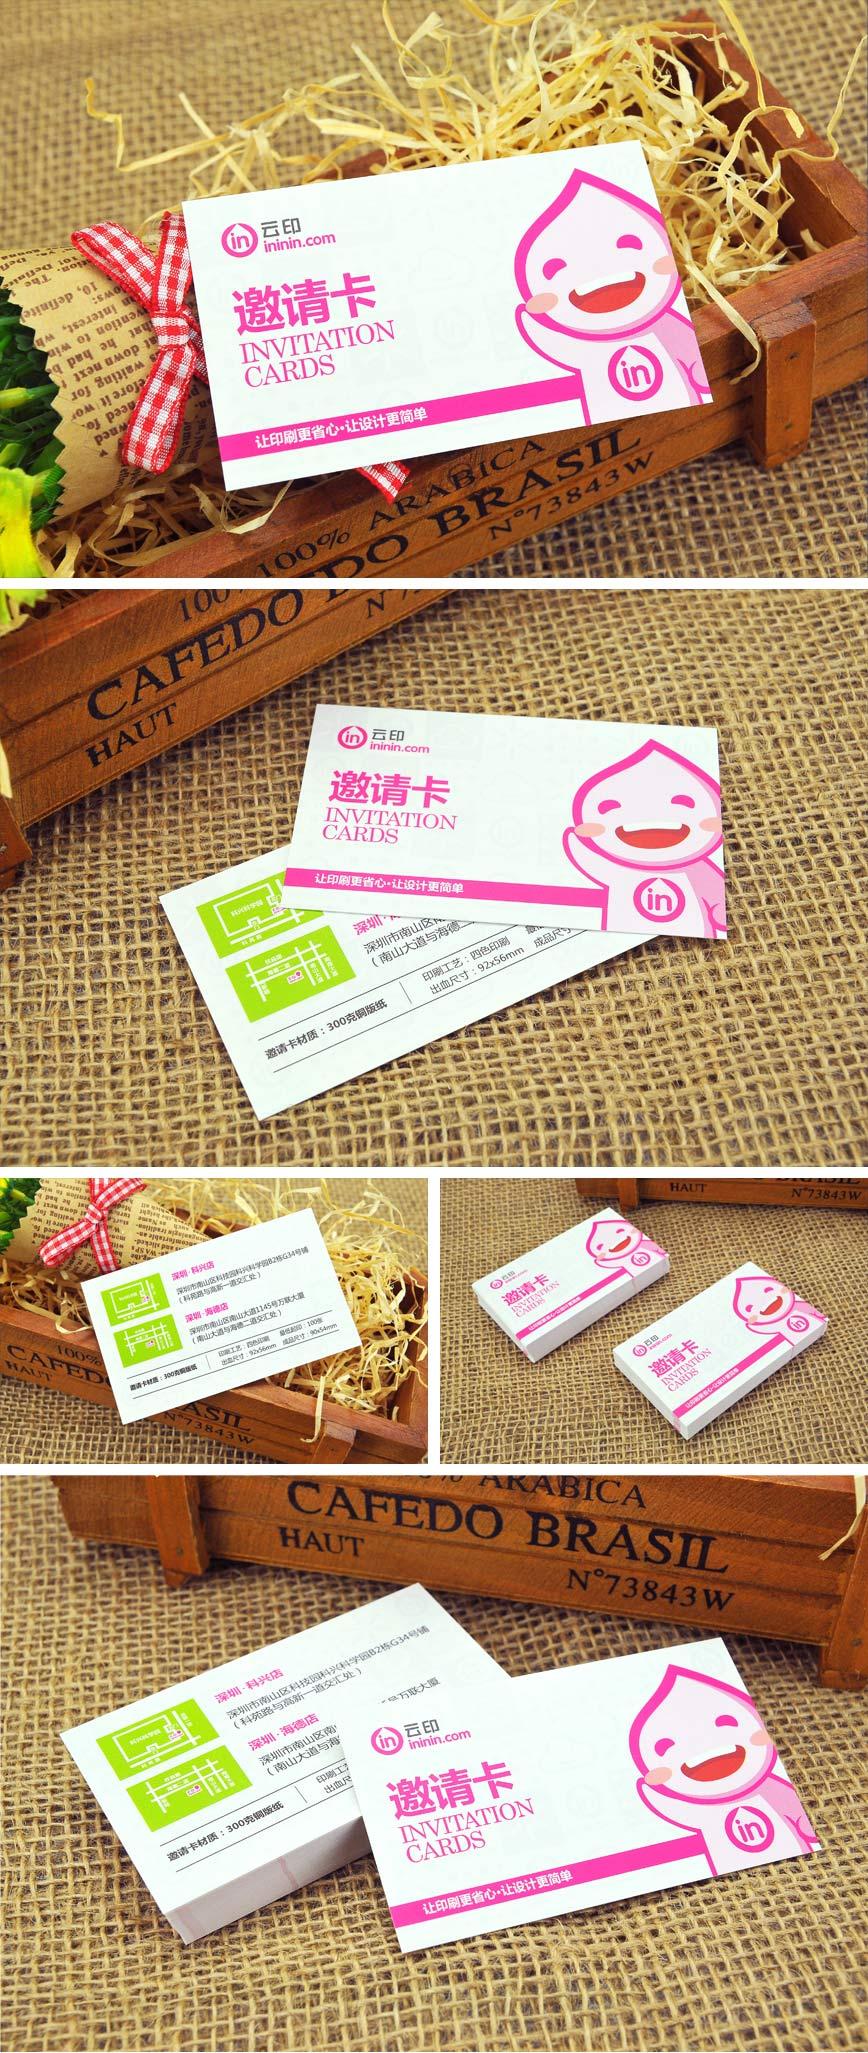 邀請卡樣品展示,邀請卡局部細節、顏色、款式展示。